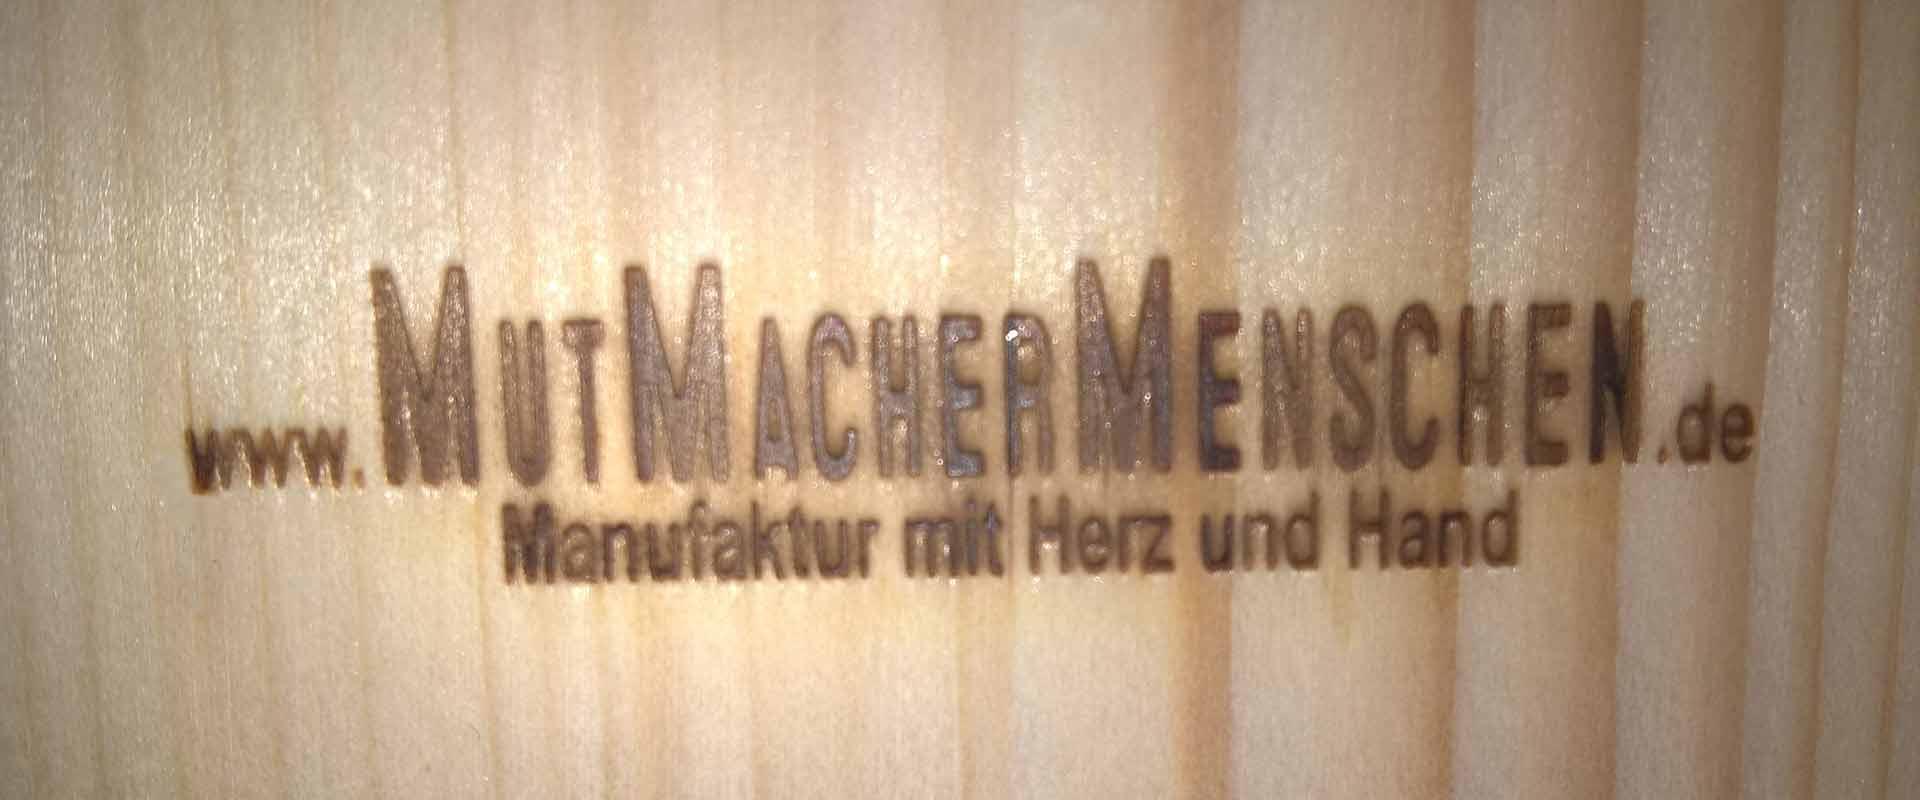 MutMacherMenschen